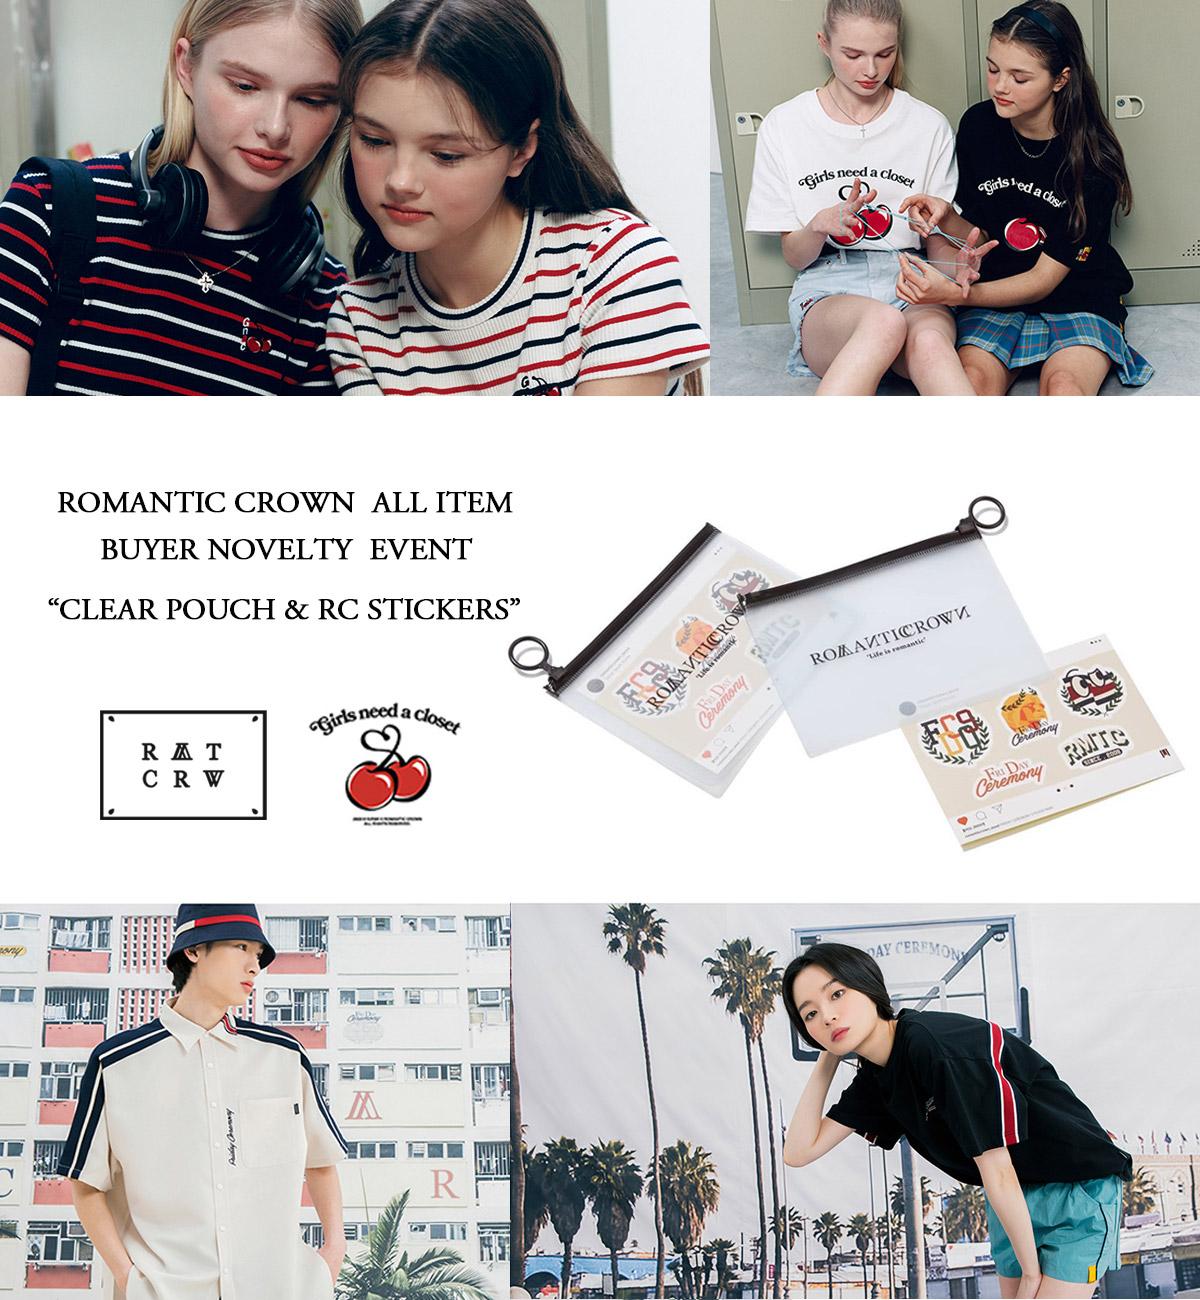 ROMANTIC CROWN(ロマンティッククラウン) ROMANTICパターンをベースしたカジュアルかつクラシックなデザインで人気を集める、韓国次世代ユニセックスブランド。トレンドのスクールスタイルが得意。